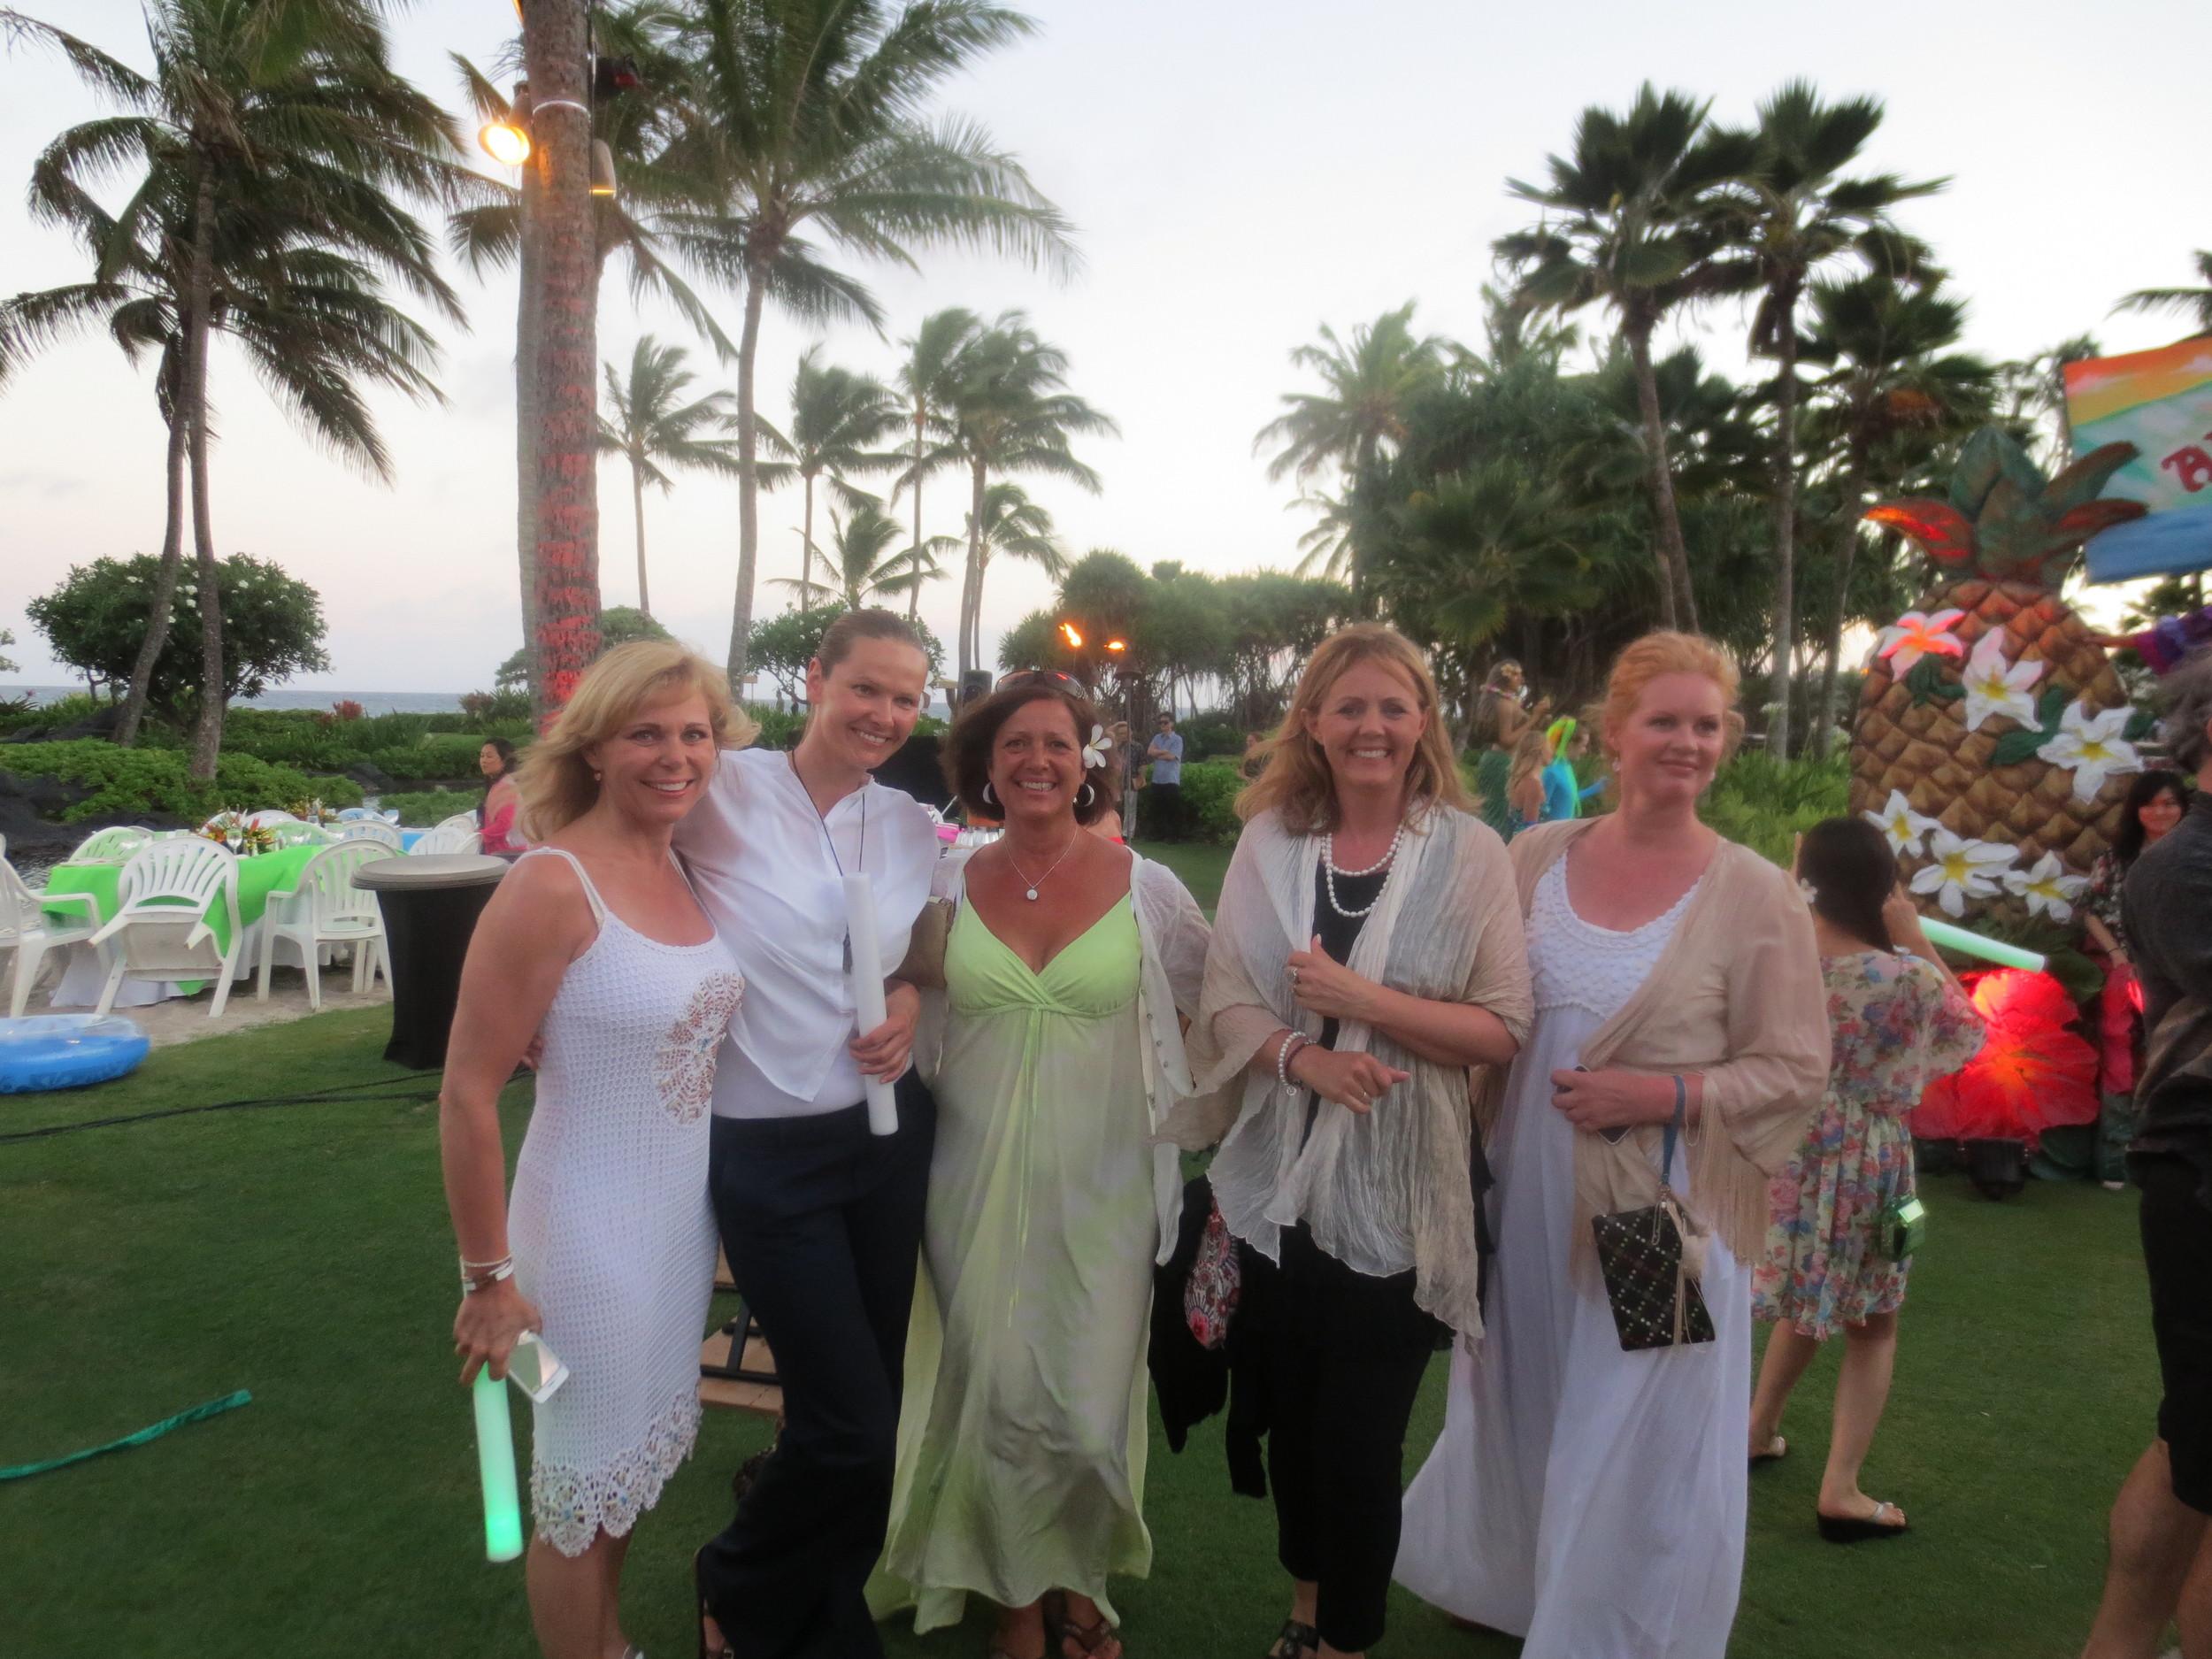 At the Farewell Dinner on the beach